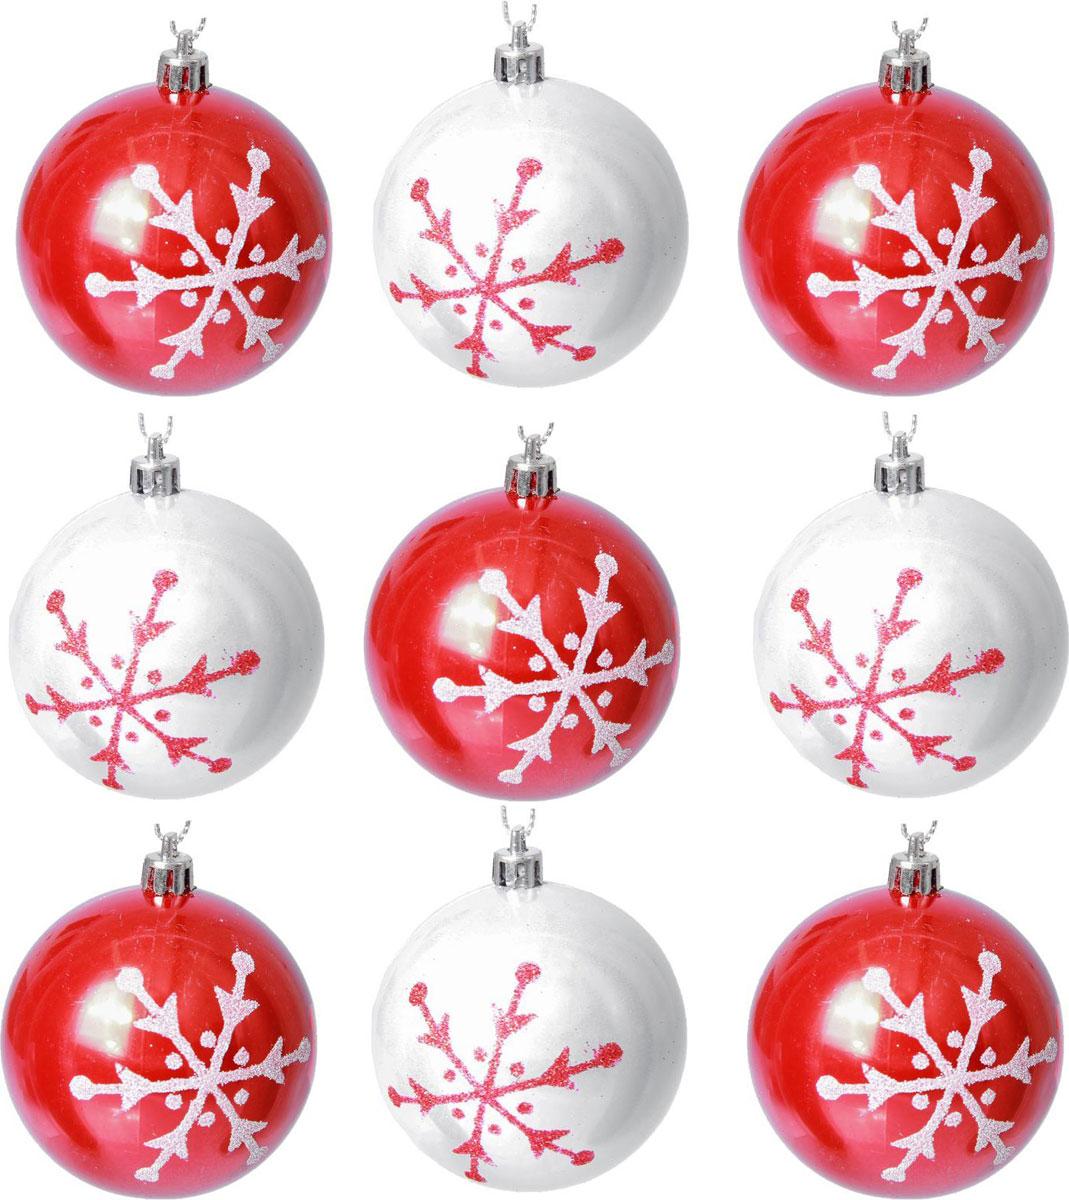 Набор новогодних подвесных украшений Sima-land Леда, диаметр 7 см, 9 шт. 21372012137201Набор новогодних подвесных украшений Sima-land отлично подойдет для декорации вашего дома и новогодней ели. С помощью специальной петельки украшение можно повесить в любом понравившемся вам месте. Но, конечно, удачнее всего оно будет смотреться на праздничной елке. Елочная игрушка - символ Нового года. Она несет в себе волшебство и красоту праздника. Создайте в своем доме атмосферу веселья и радости, украшая новогоднюю елку нарядными игрушками, которые будут из года в год накапливать теплоту воспоминаний.